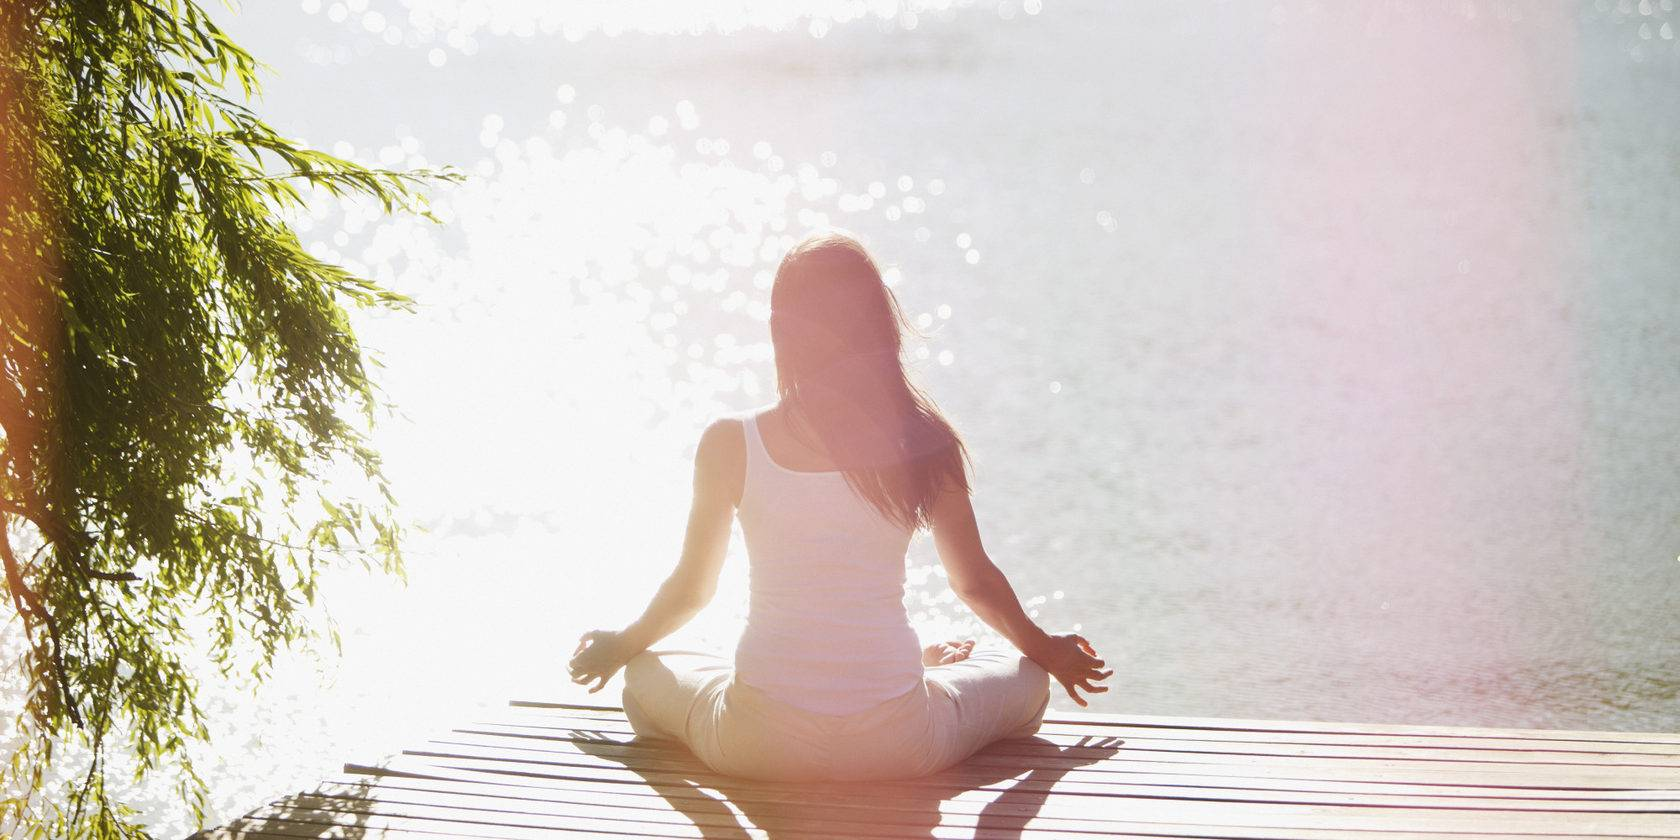 Как научиться медитировать в домашних условиях новичкам: практики и советы